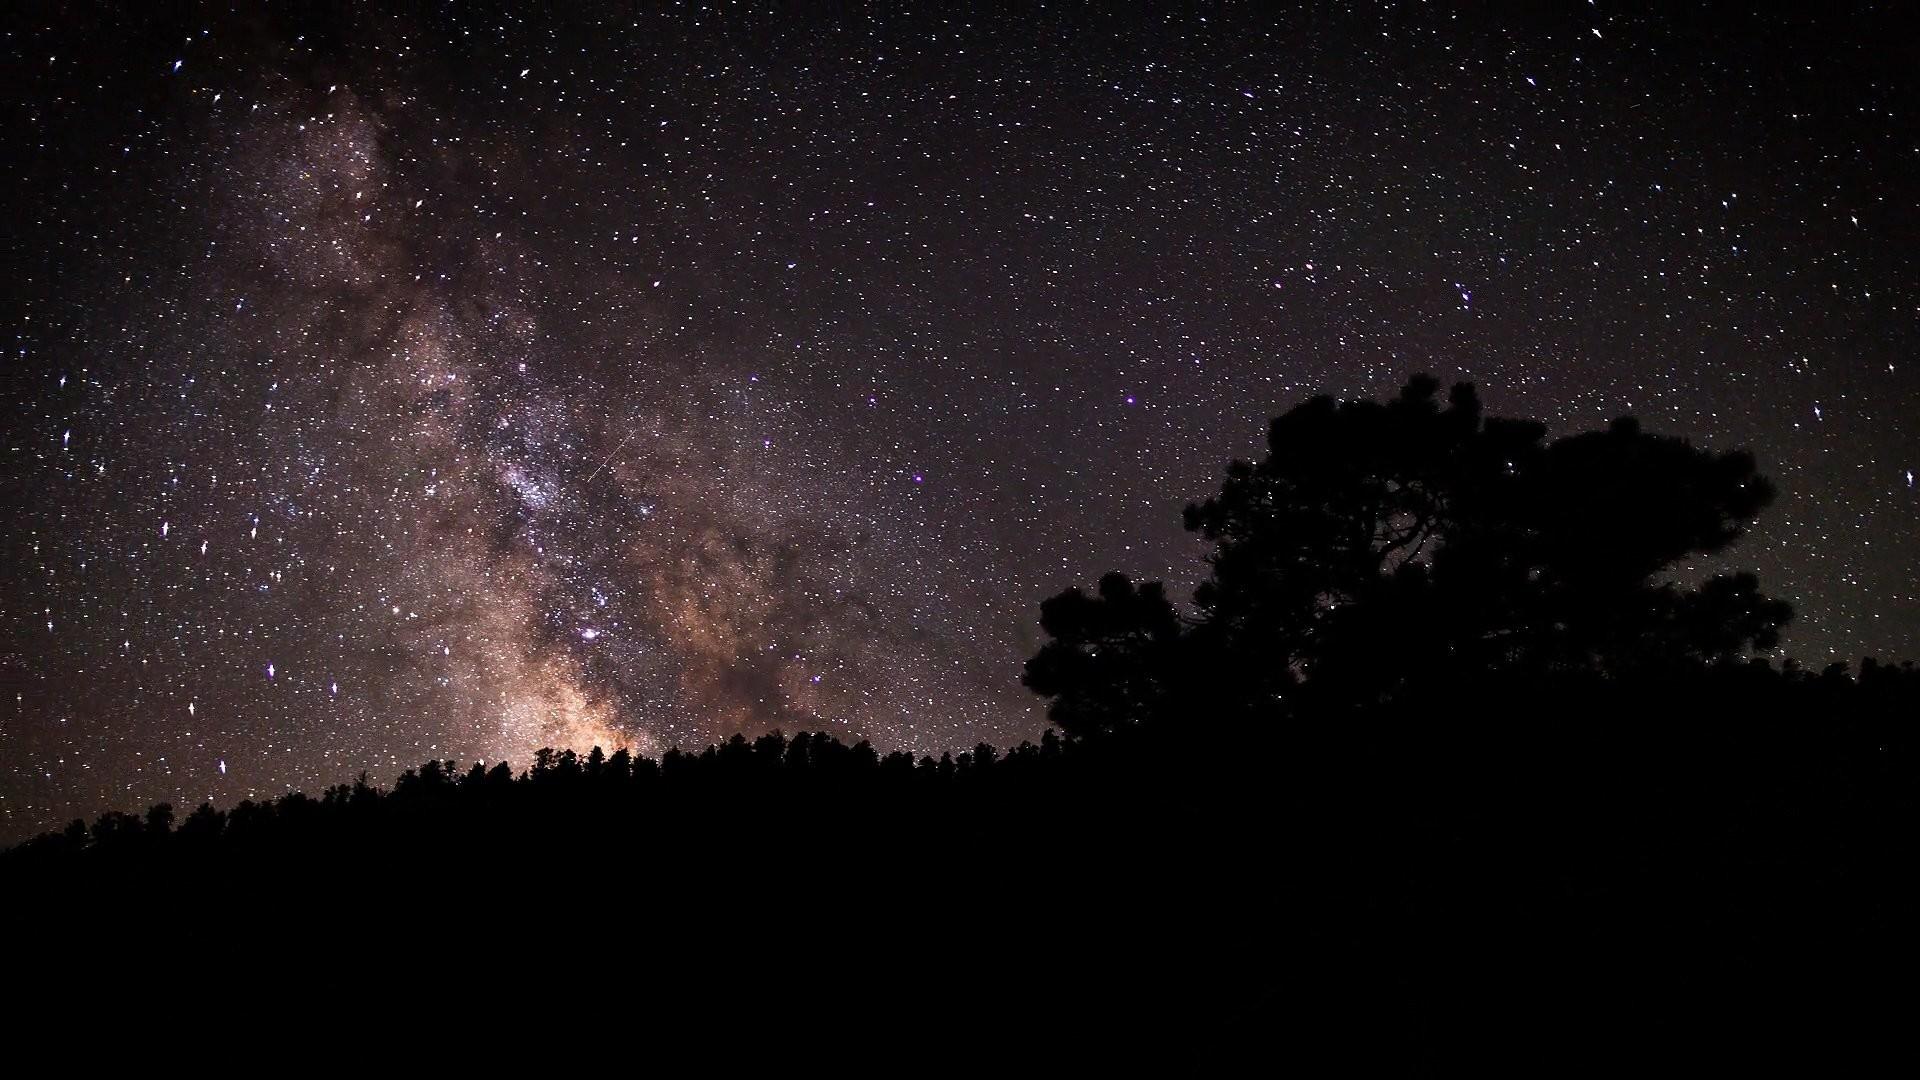 Amazing Milky Way Wallpapers: Milky Way Wallpaper 1920x1080 (71+ Images